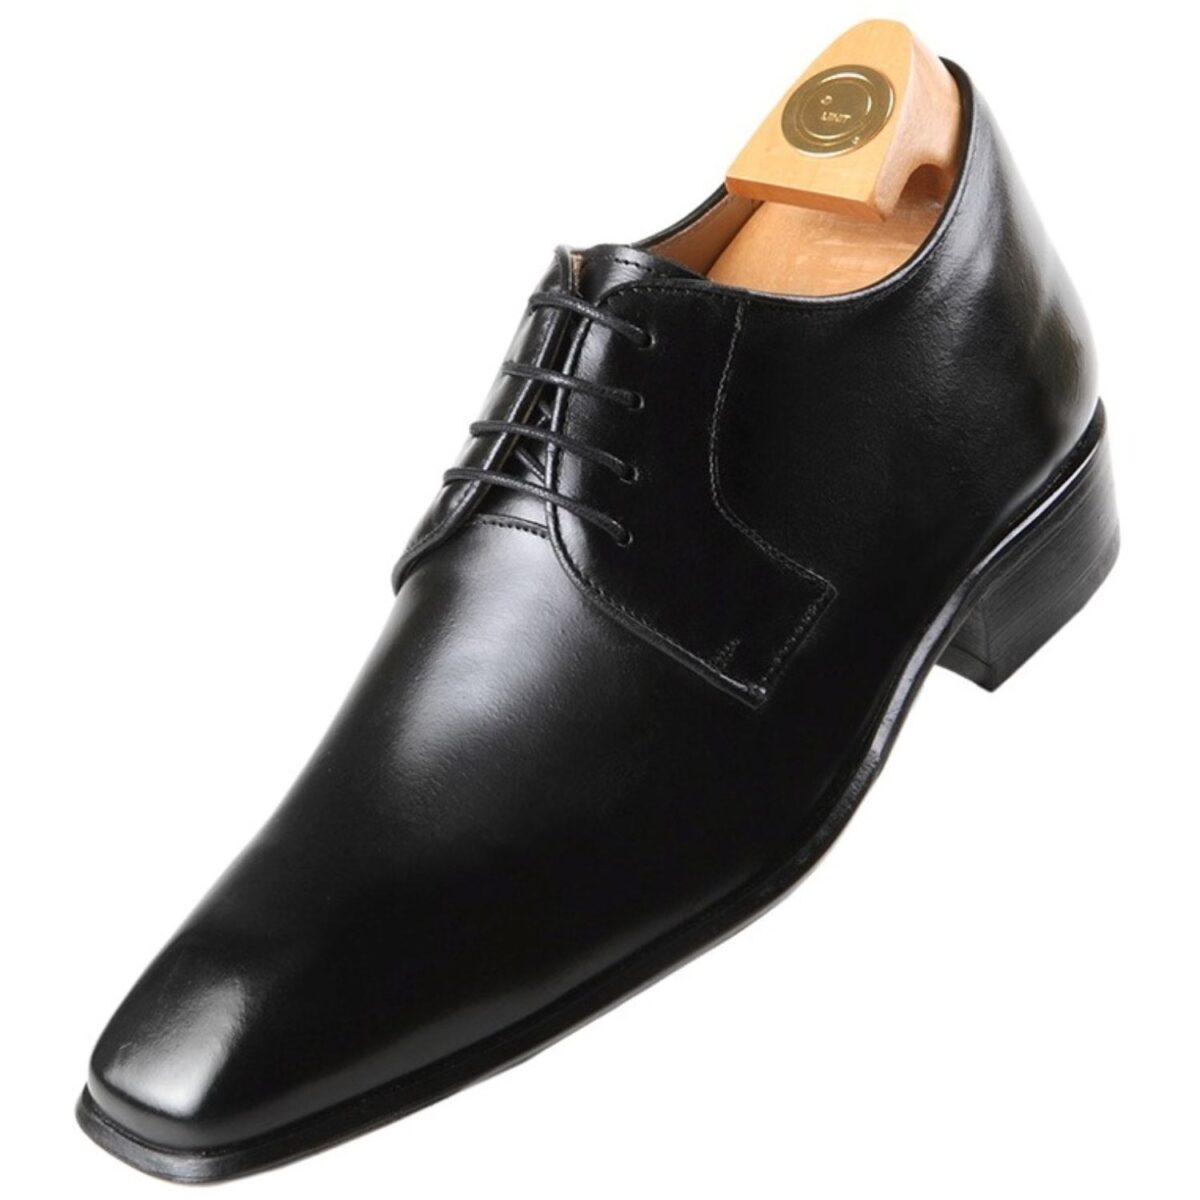 Zapatos con Alzas modelo 8430 Nc - HiPlus